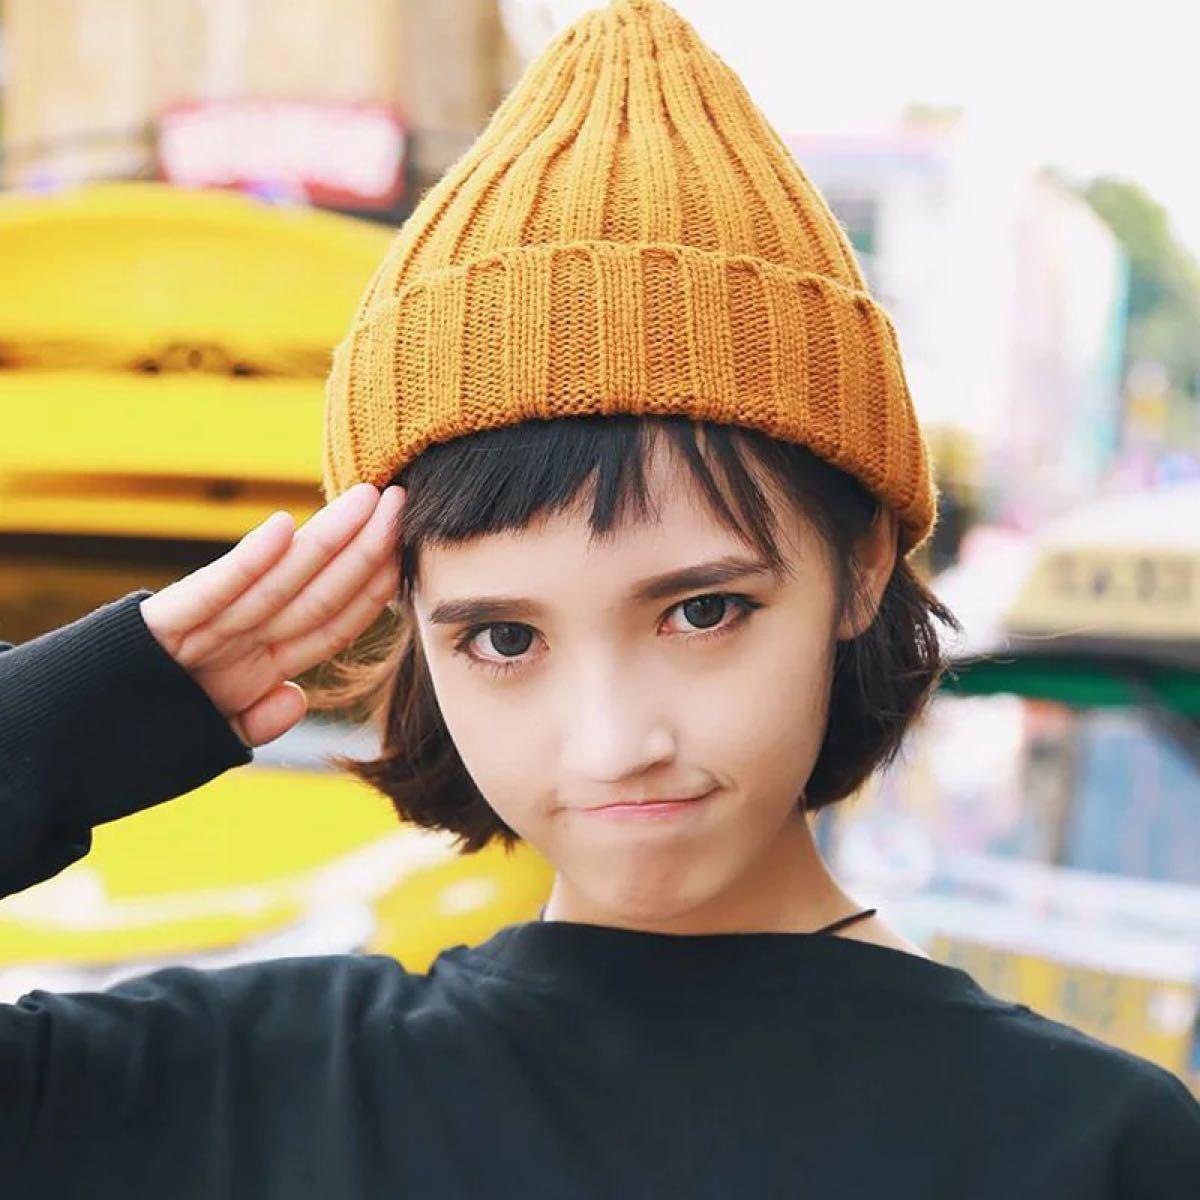 ニット帽 ニットキャップ ビーニー黒 帽子